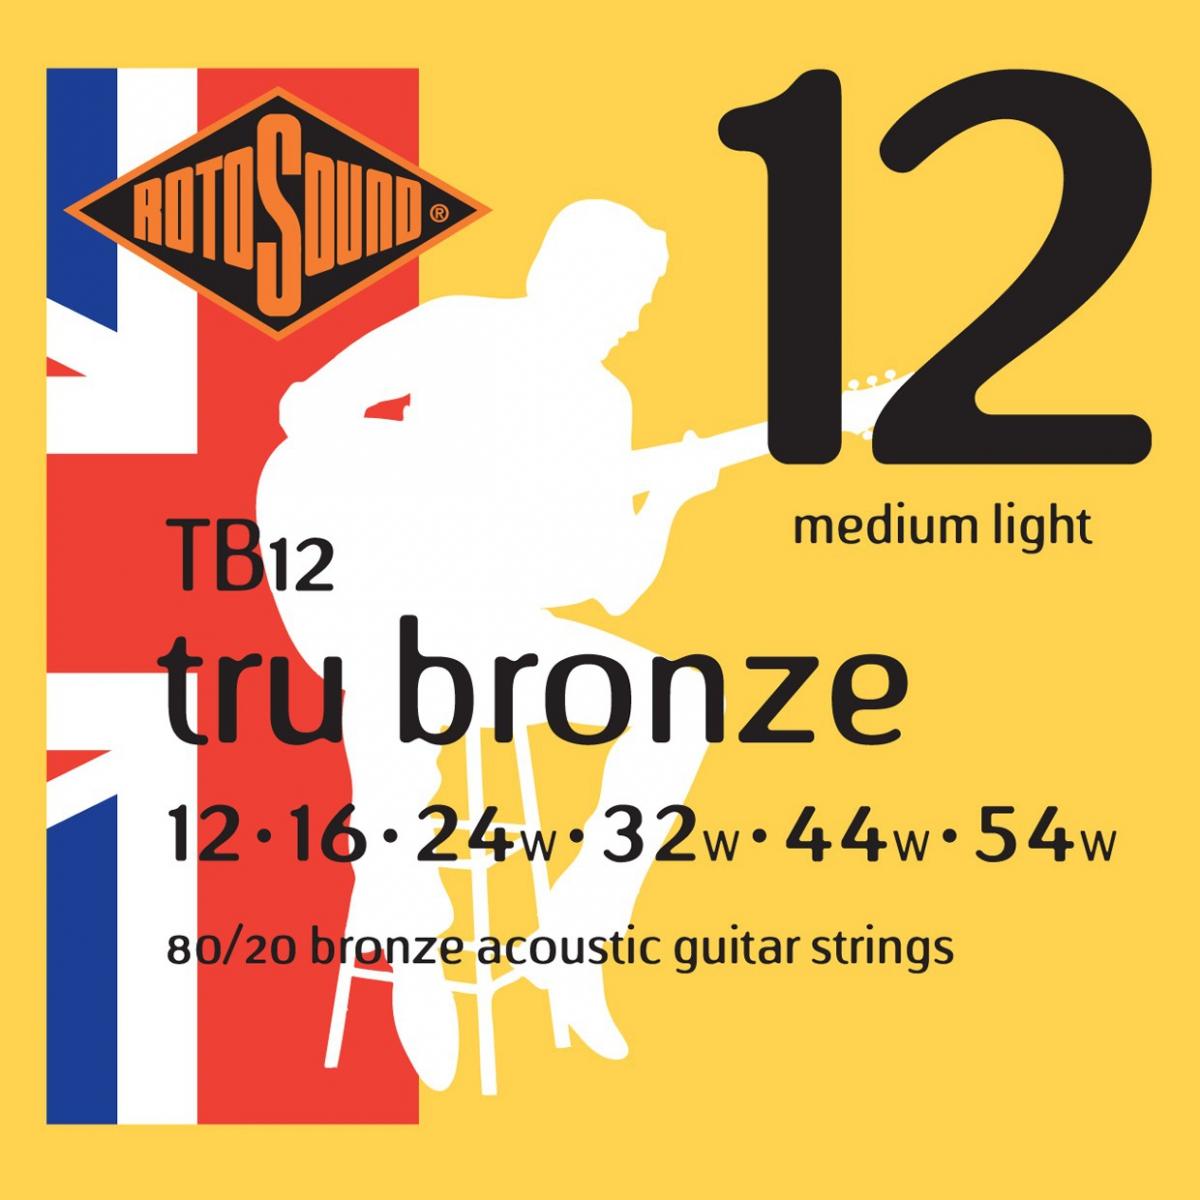 Rotosound TB12 Tru Bronze struny do akustyka 12-54